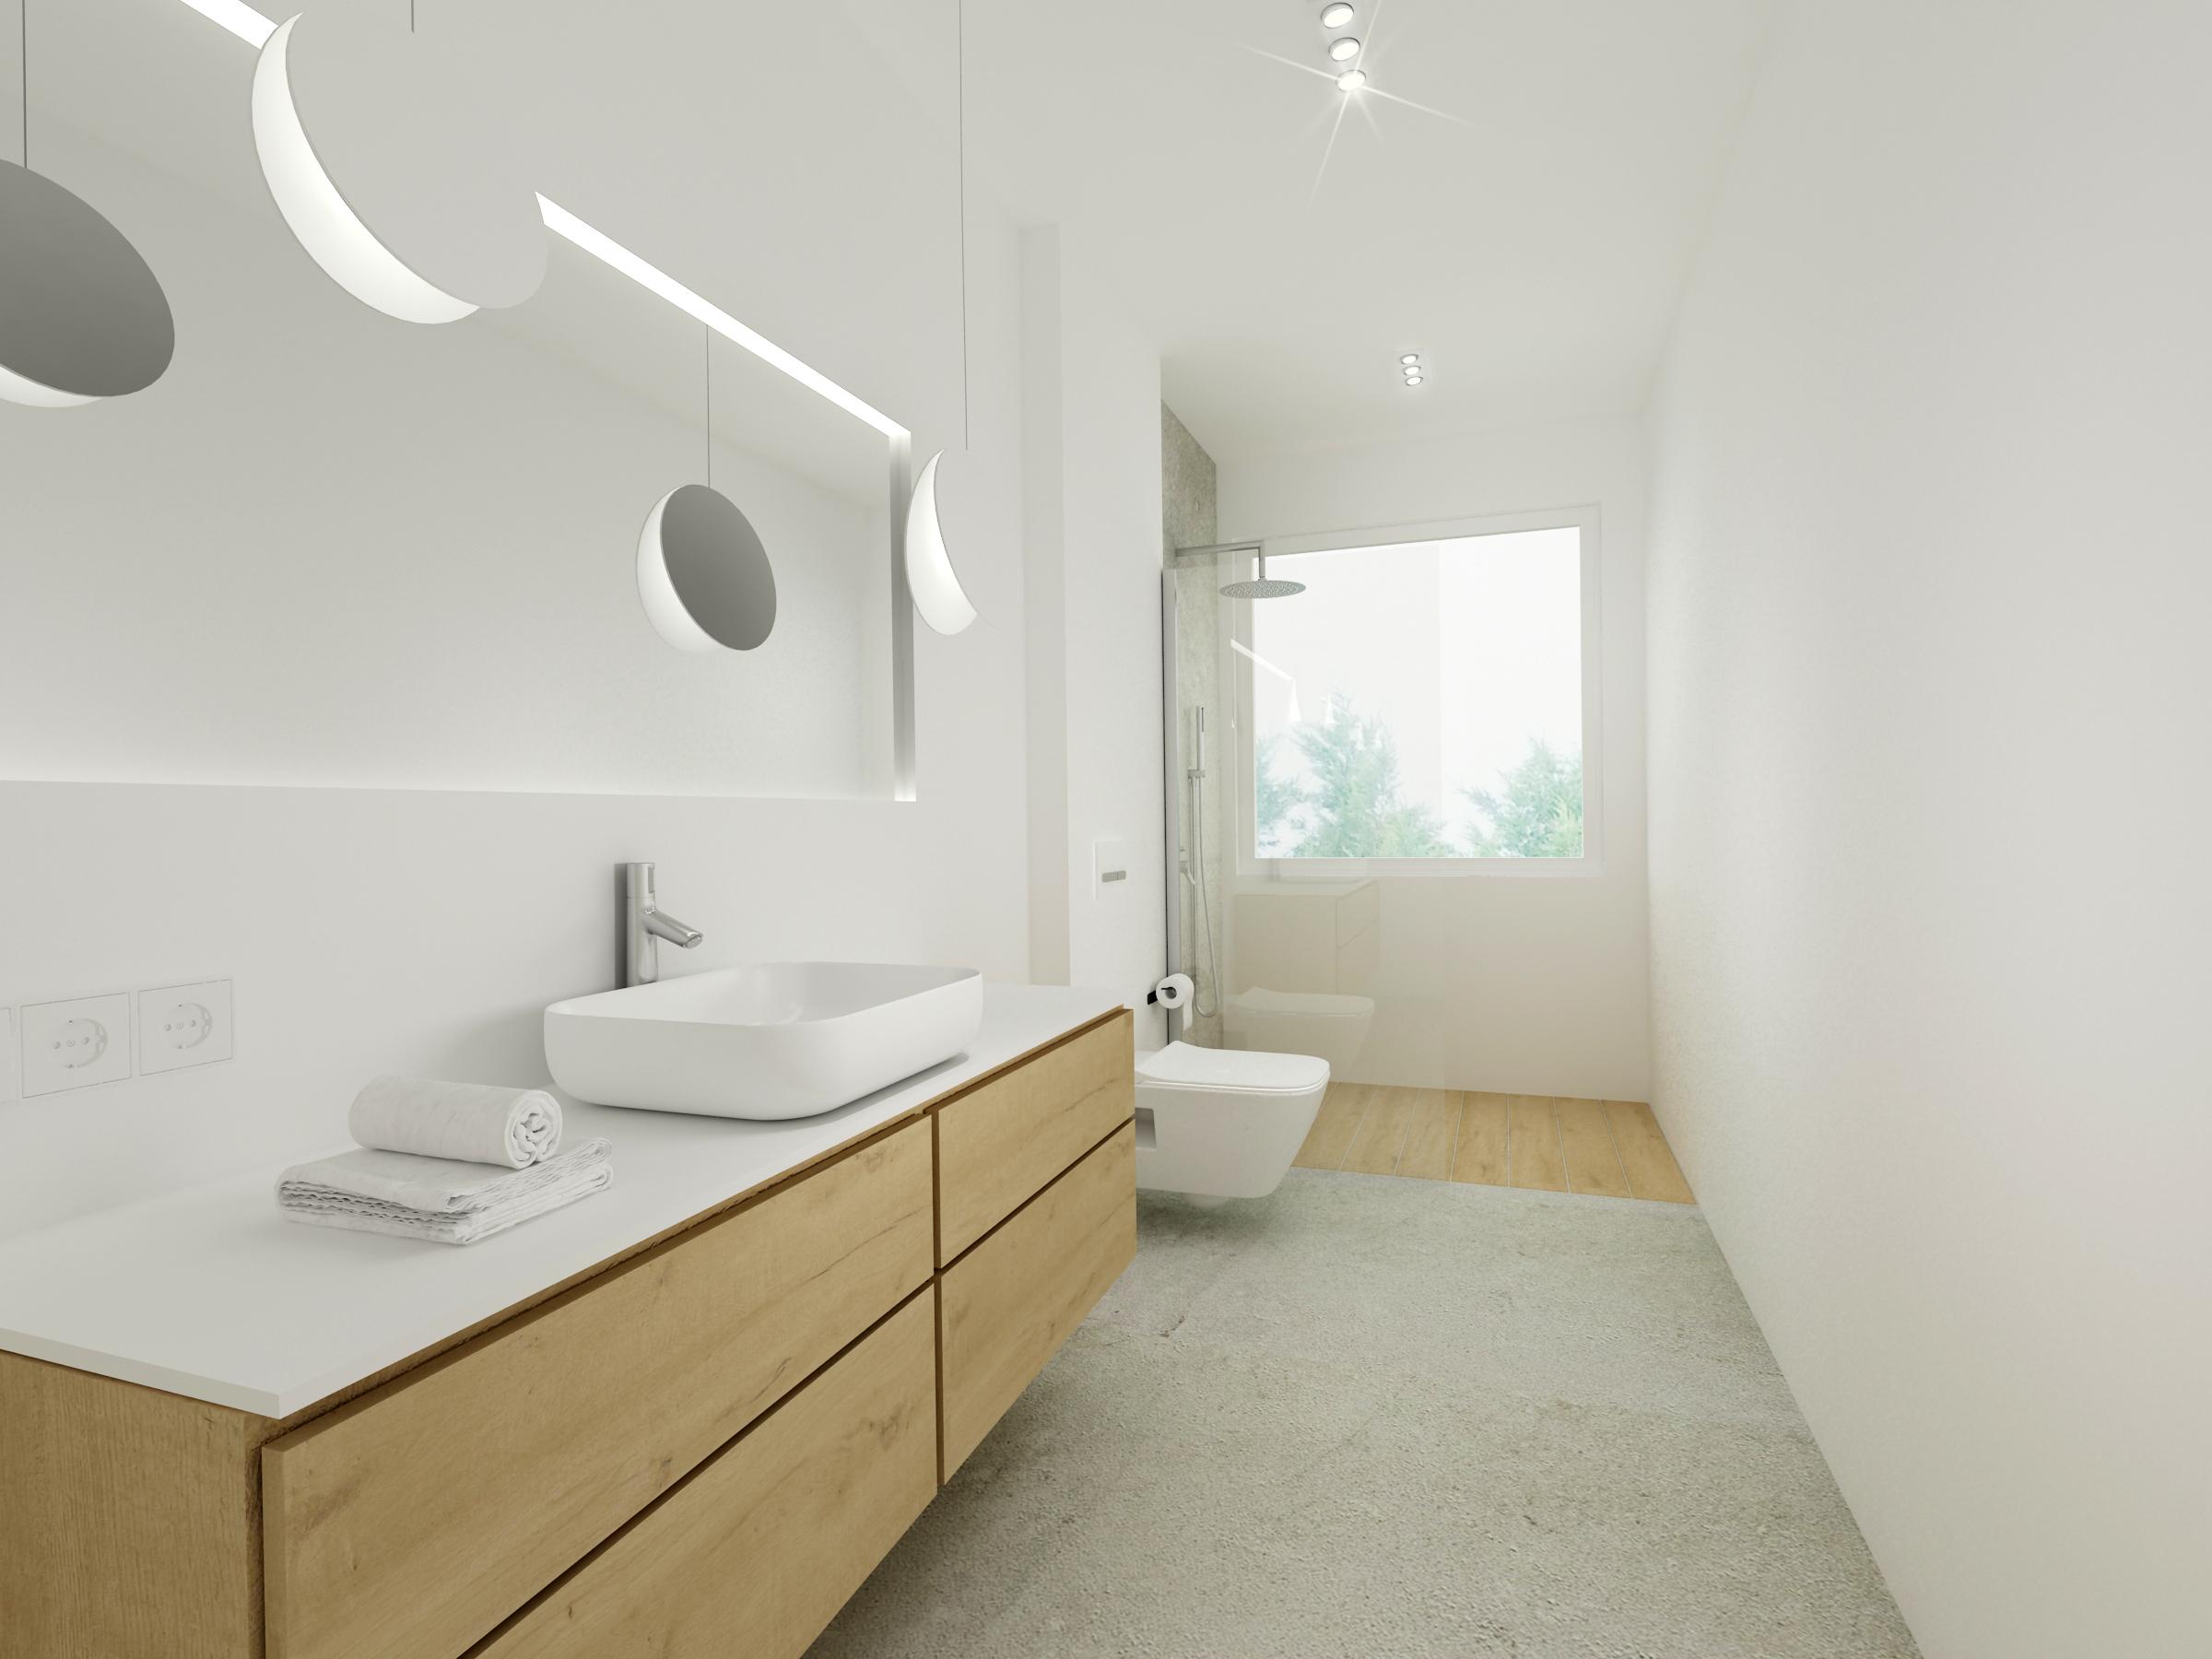 łazienka gości